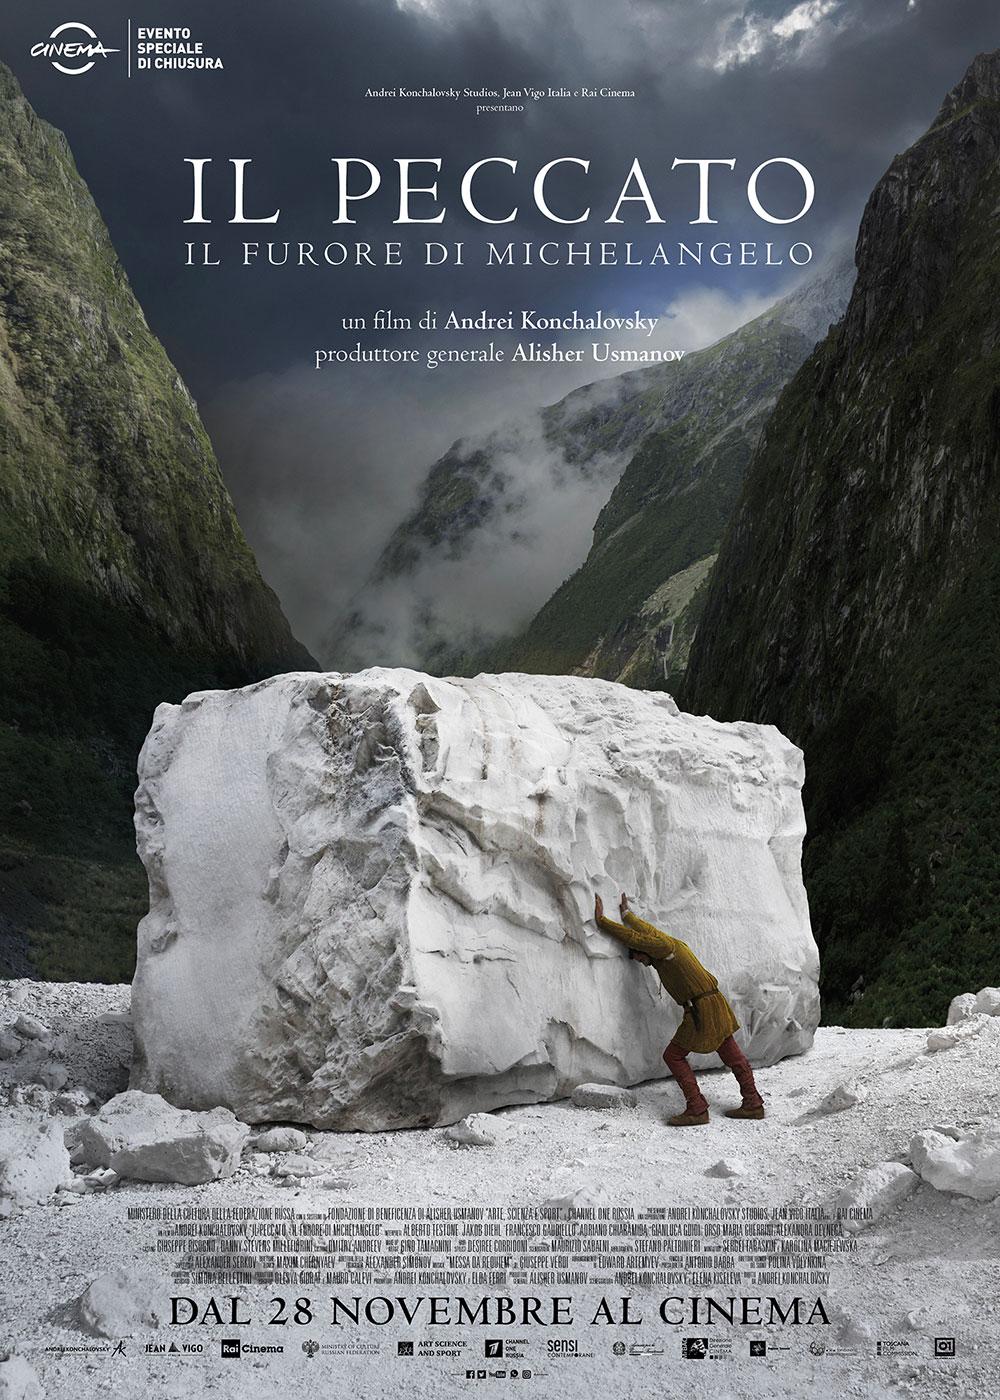 In foto Andrey Konchalovskiy (83 anni) Dall'articolo: Il Peccato - Il Furore di Michelangelo, il poster ufficiale del film.